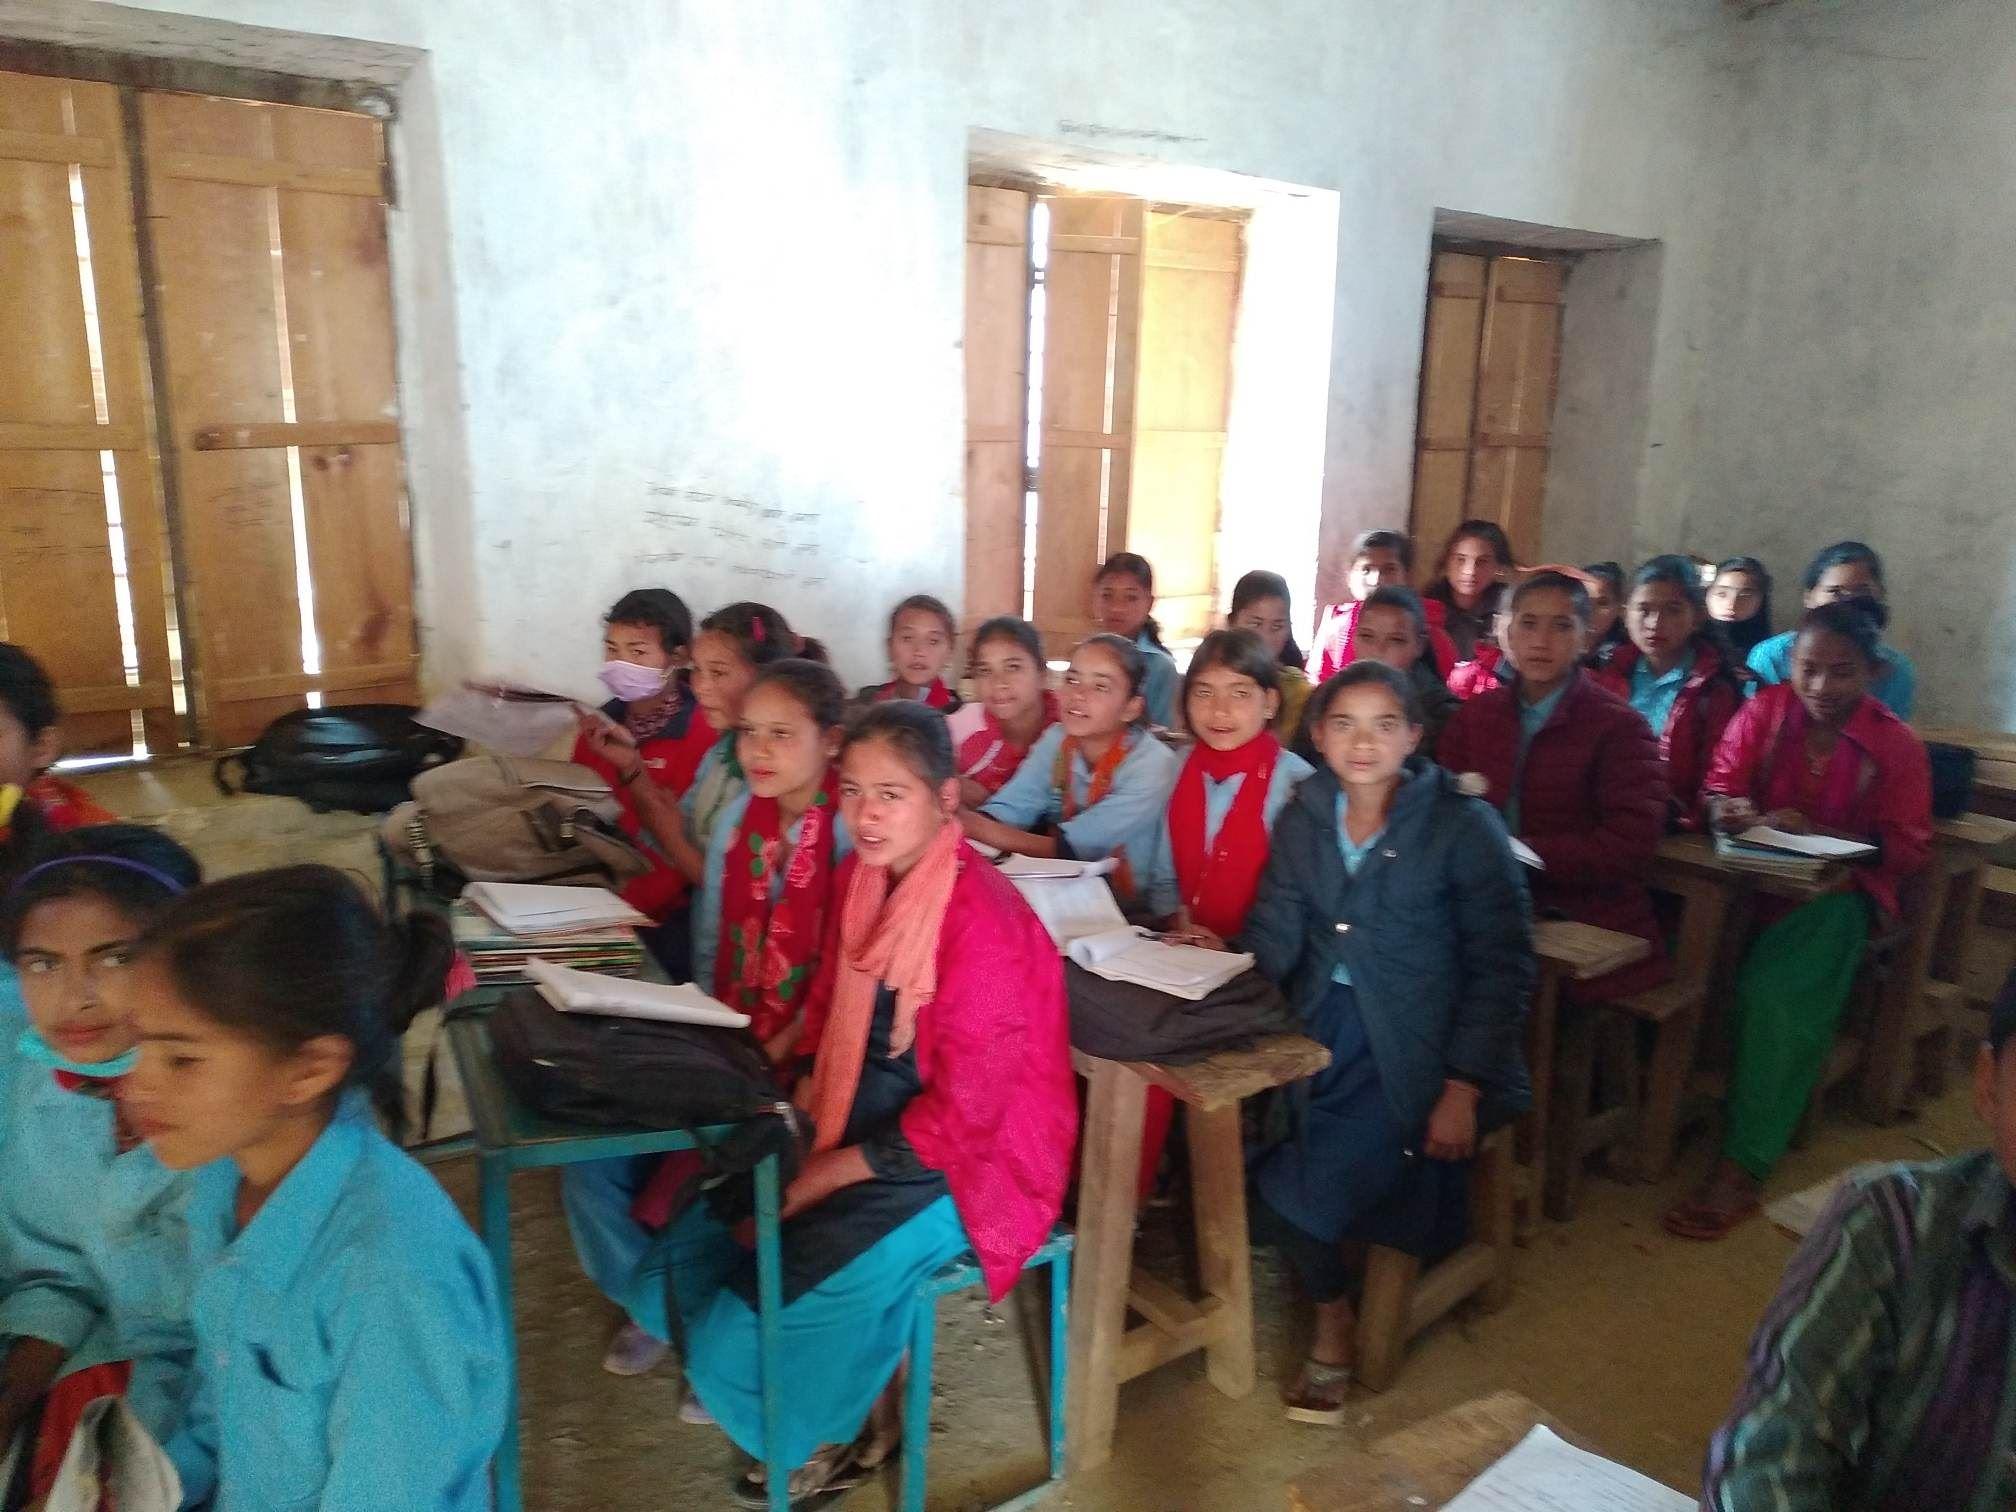 शिवालयमा छड्के अनुगमन : राजनीतिमा रमाउँदै शिक्षक, पढाउन छोडेर पार्टीको प्रचारमा व्यस्त